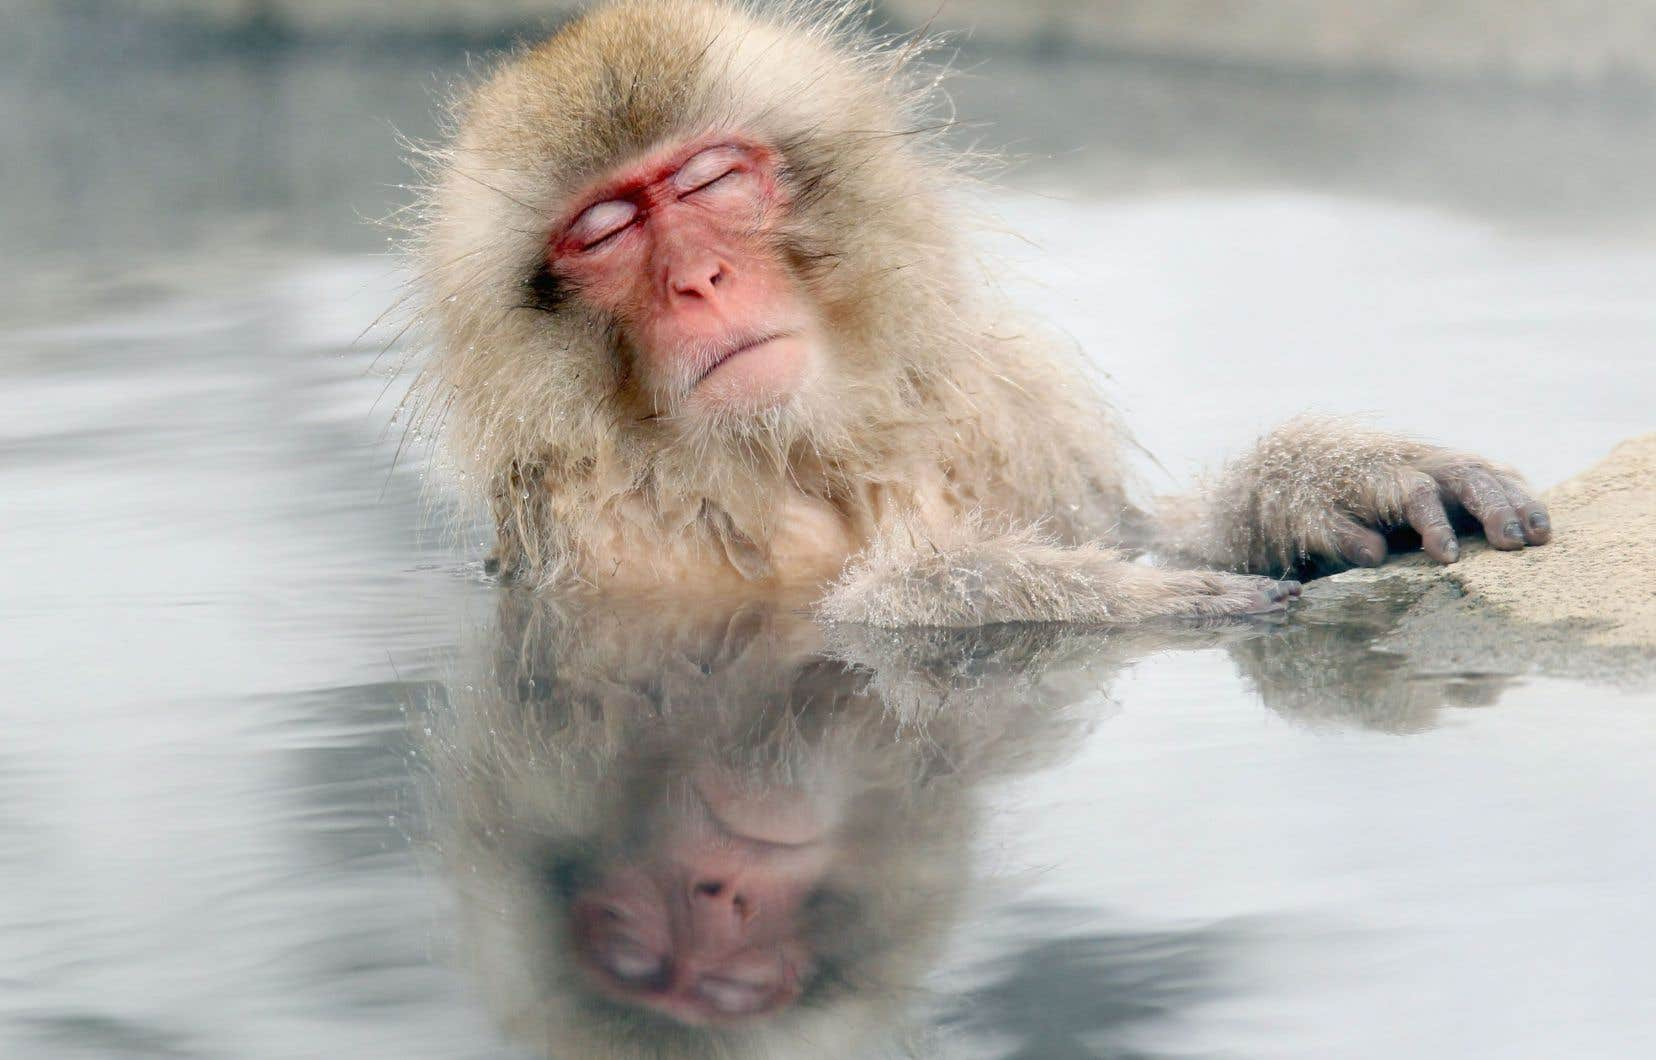 Les singes des neiges japonais sont connus pour aimer se baigner dans les sources d'eau chaude dans la région de Nagano.